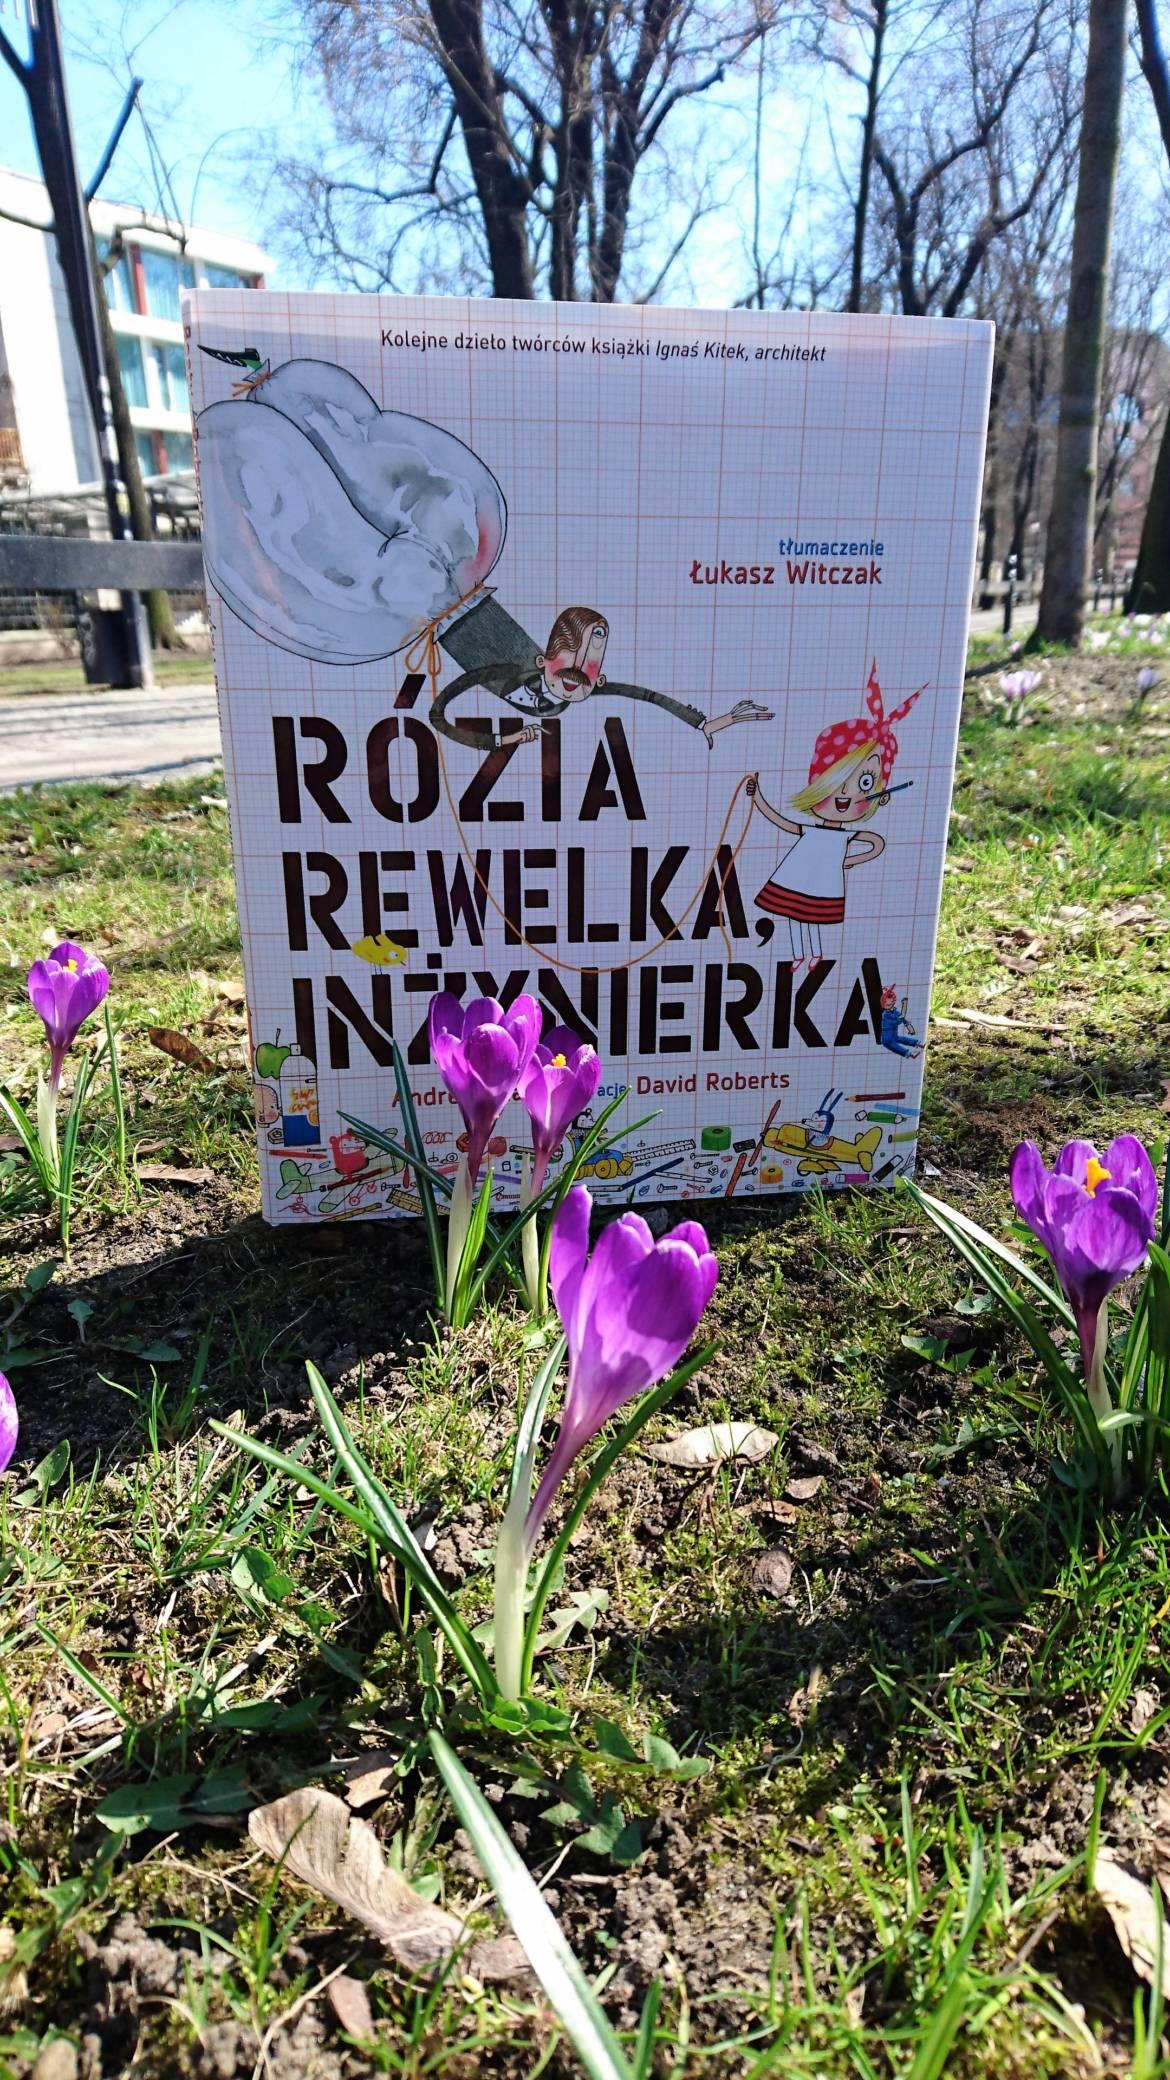 Rozia_Rewelka_inzynierka_premiera_wiosna.jpg